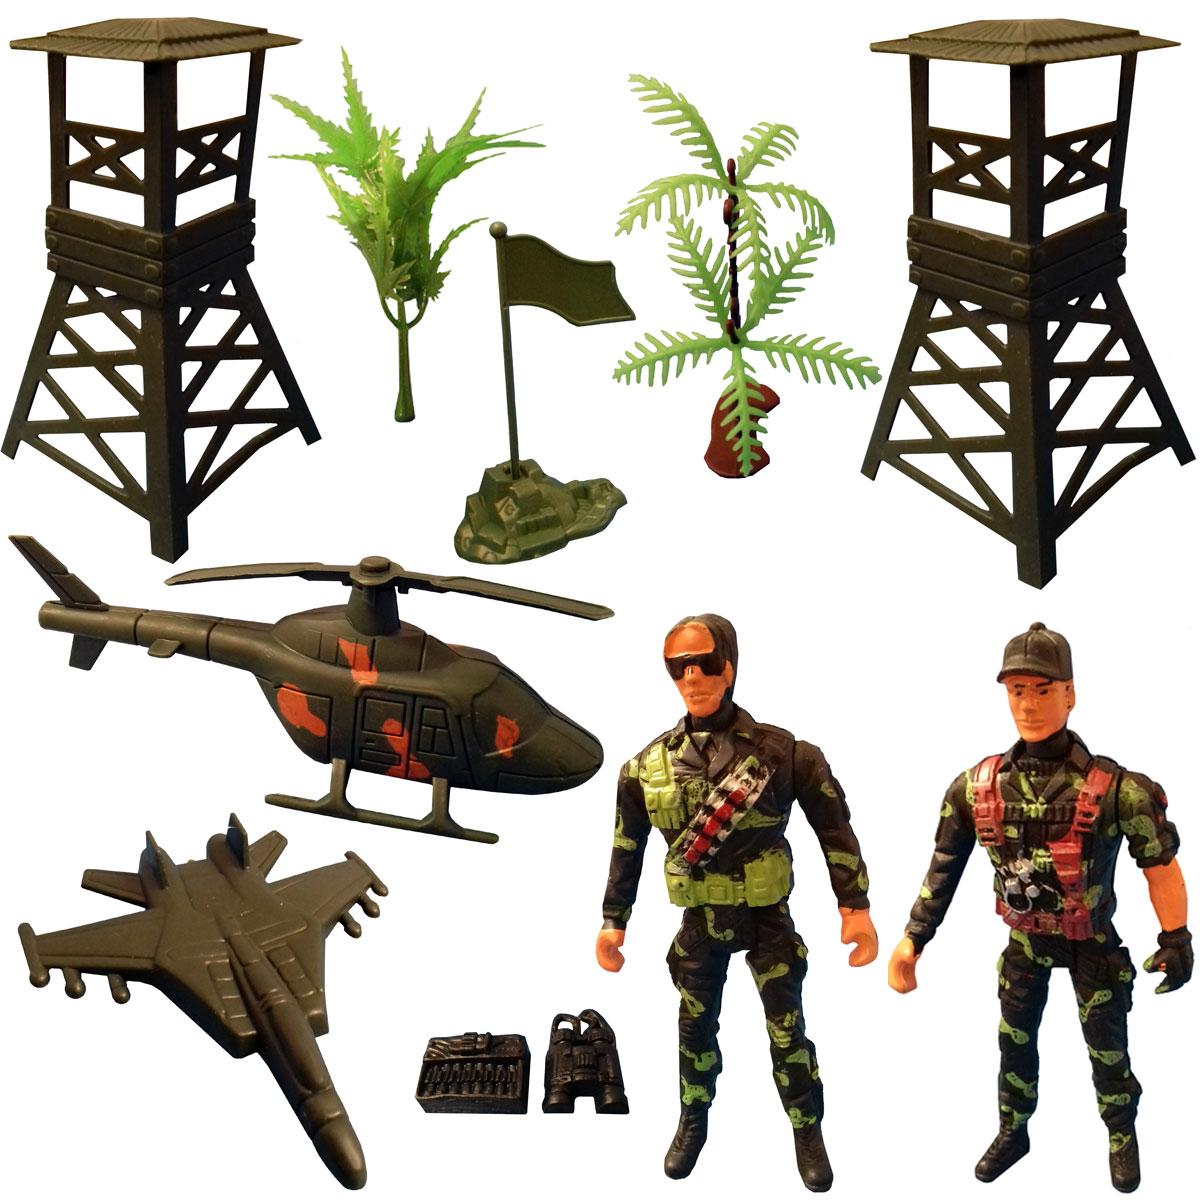 اسباب بازی جنگی مدل سرباز کد SOL2 مجموعه 11 عددی